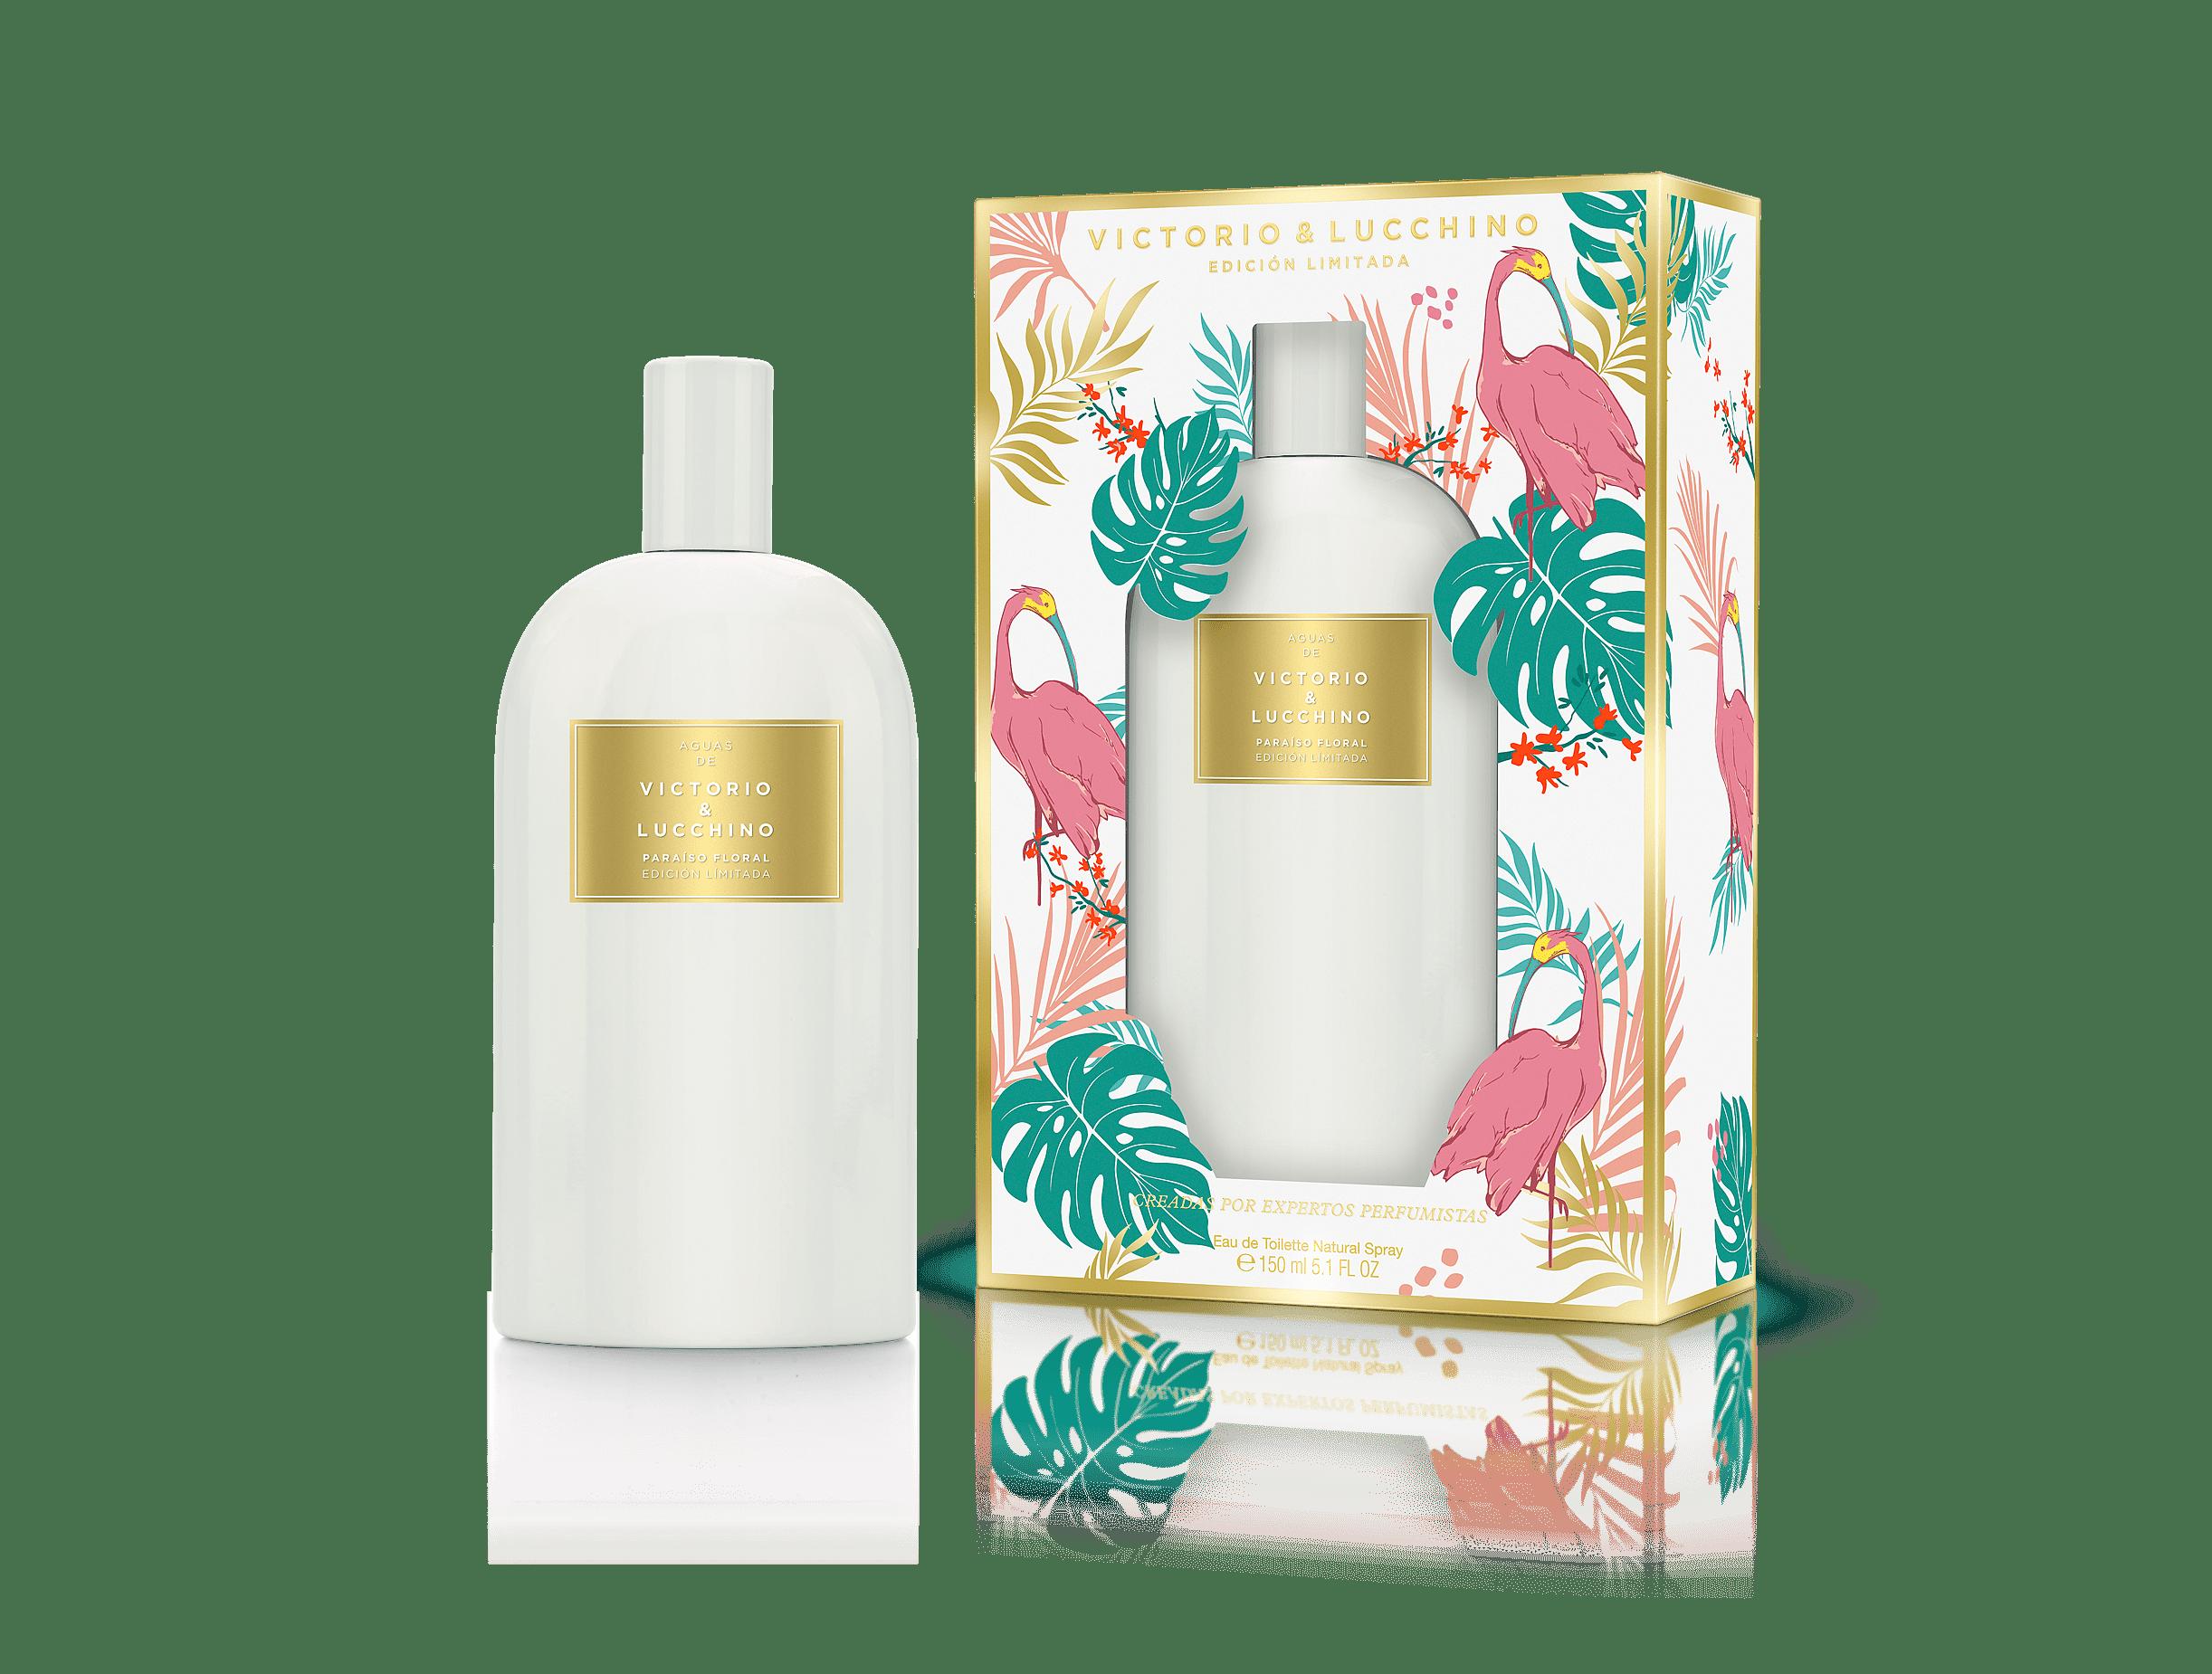 Eau de Toilette Paraiso Floral. Edición limitada 150 ml Aguas de Victorio & Lucchino